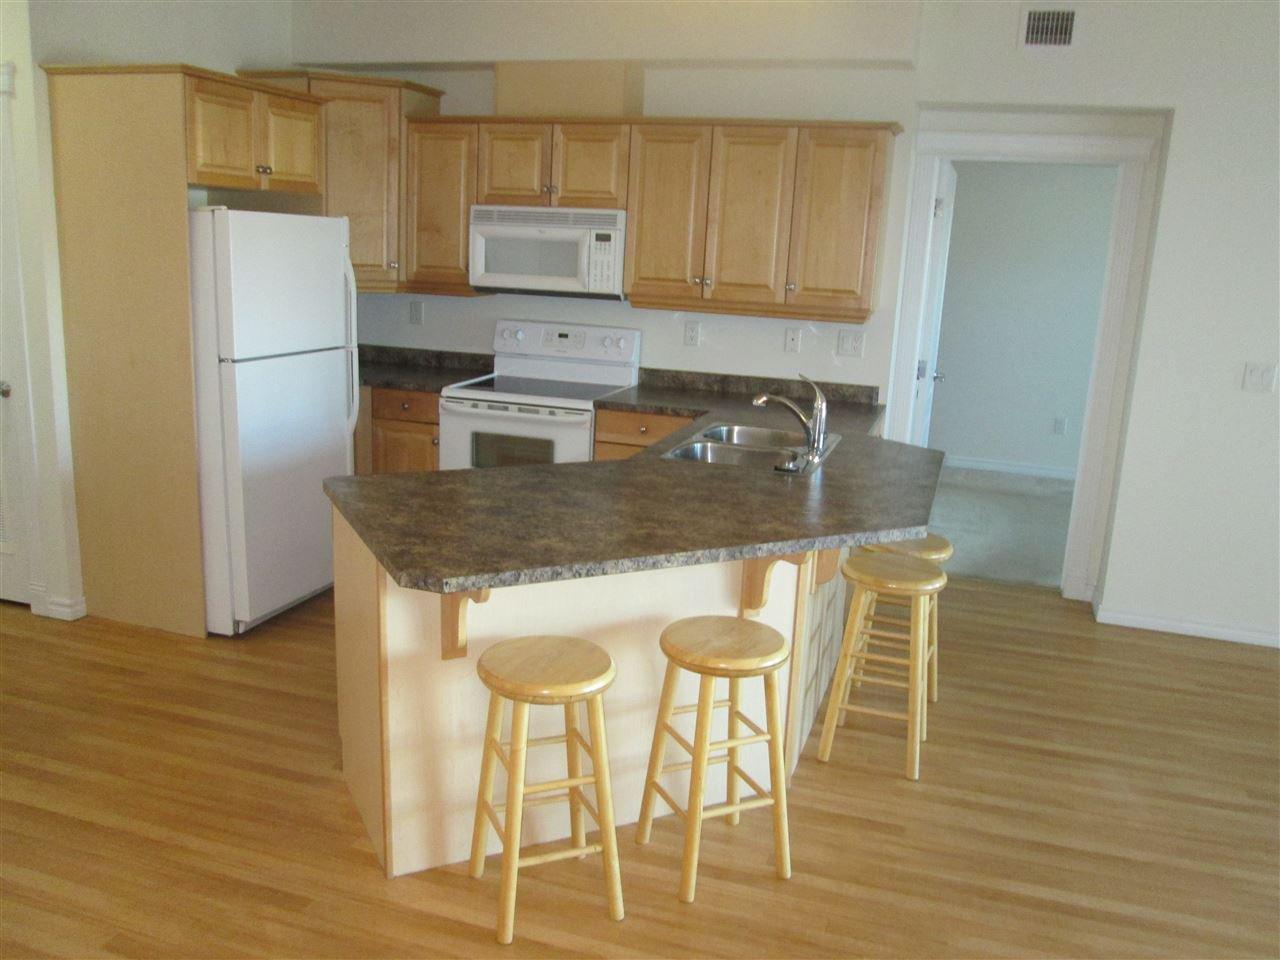 Main Photo: 460 2750 55 Street in Edmonton: Zone 29 Condo for sale : MLS®# E4223780